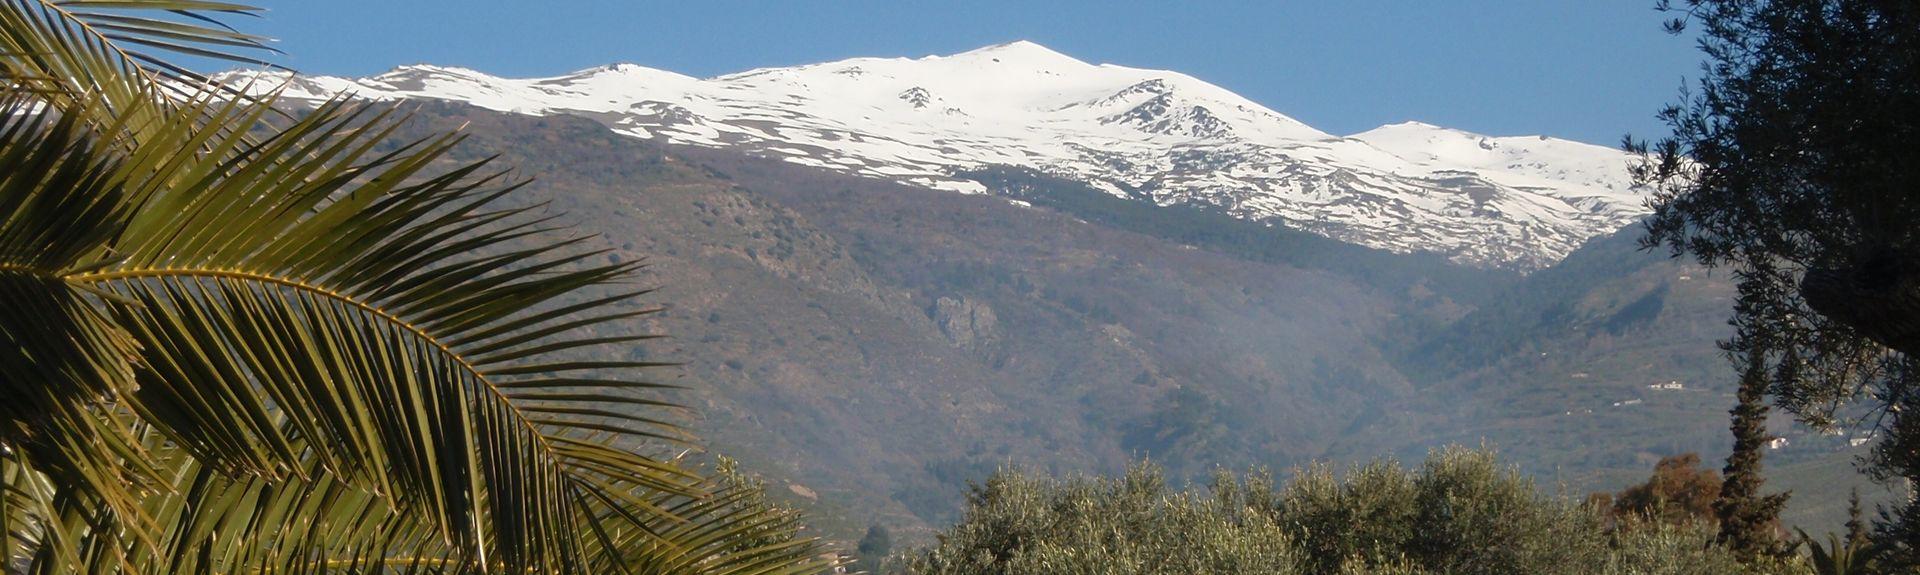 Restábal, Andalucía, España